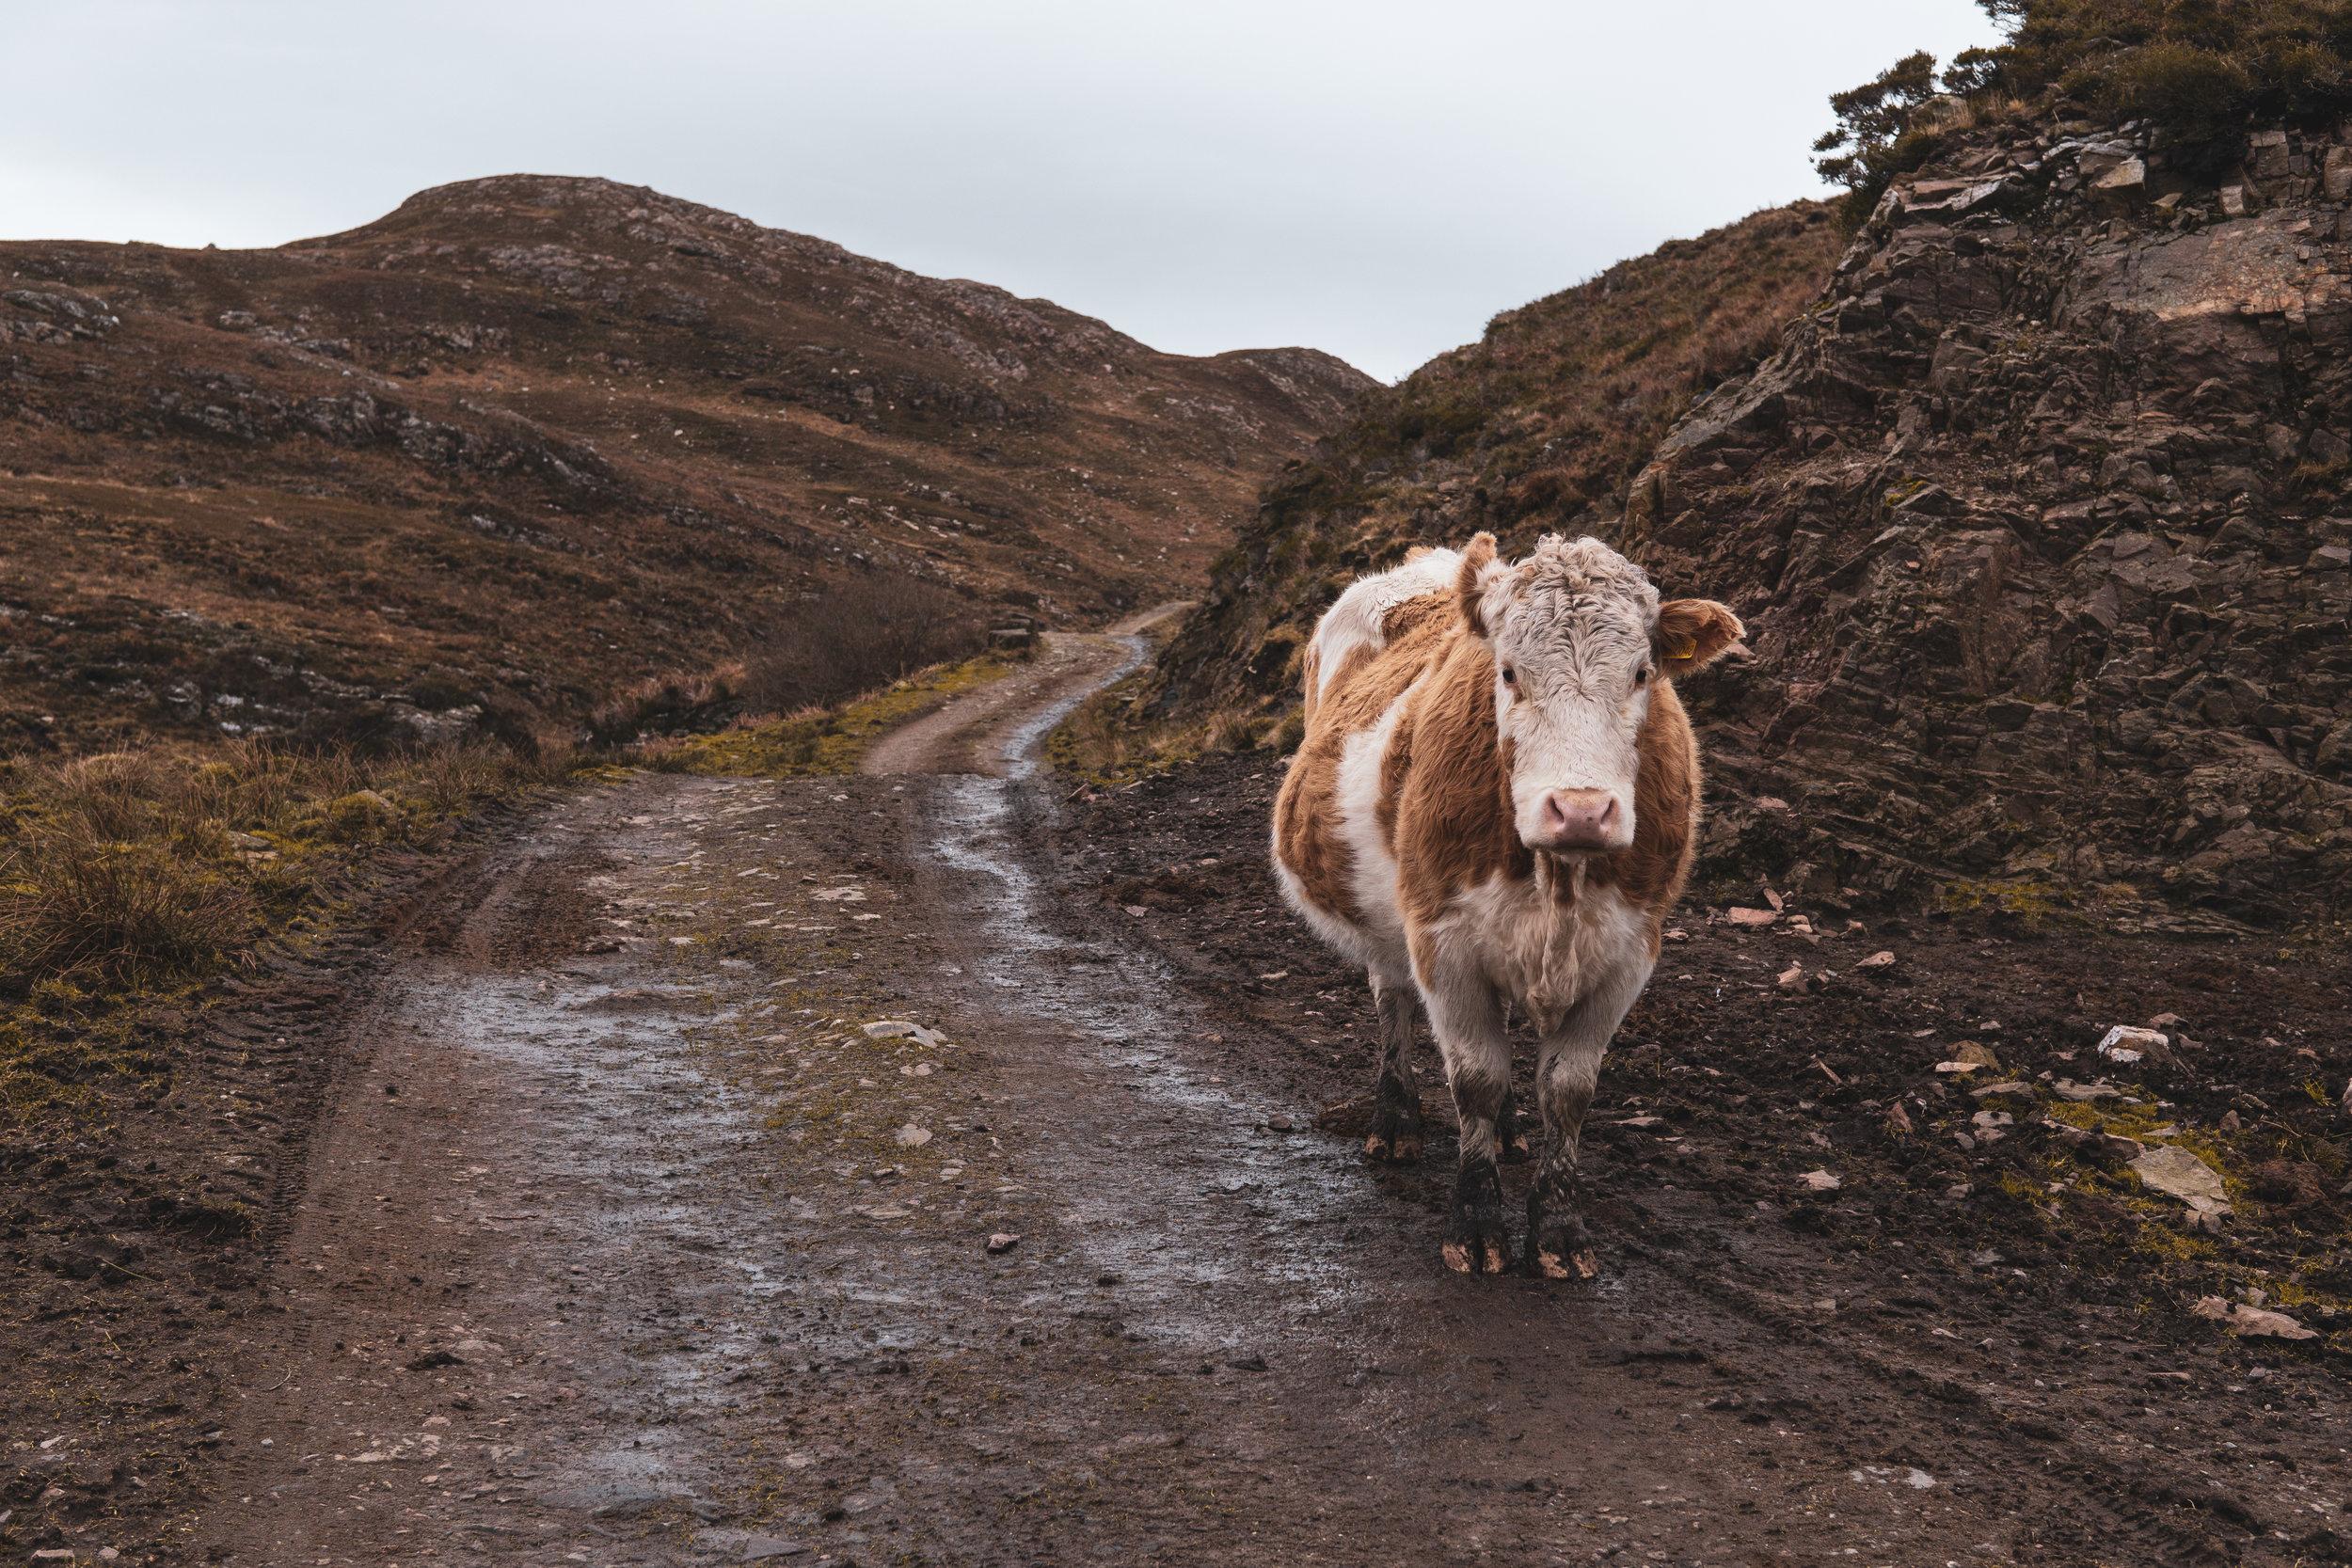 Isle-of-Skye-Point-of-Sleat (5).jpg